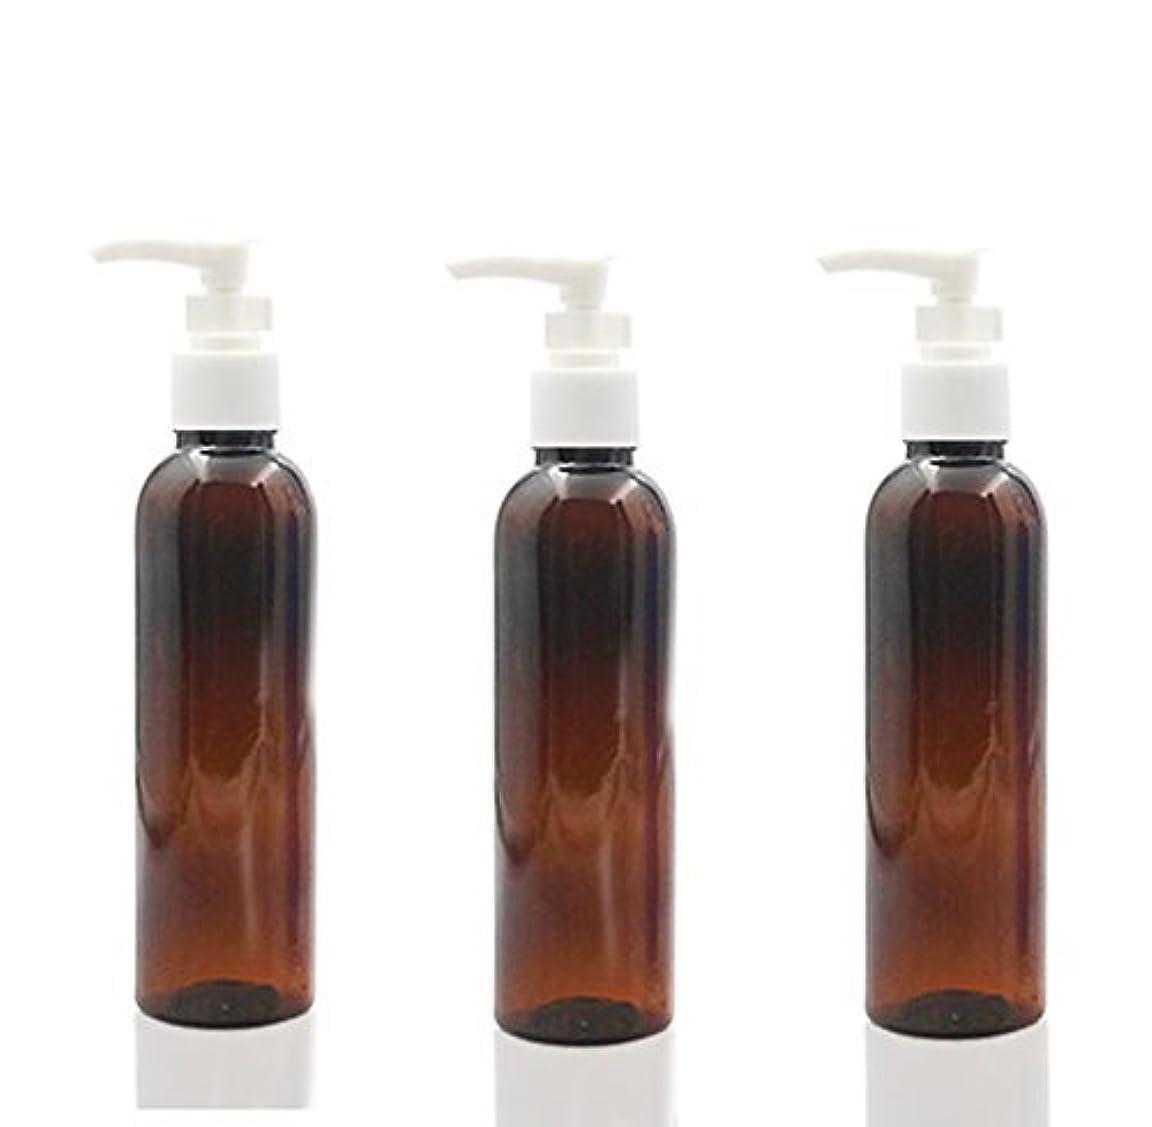 汚す回る白鳥3PCS 150ml Plastic Round Pump Bottles for Cooking Sauces Essential Oils Lotions Liquid Soaps or Organic Beauty...